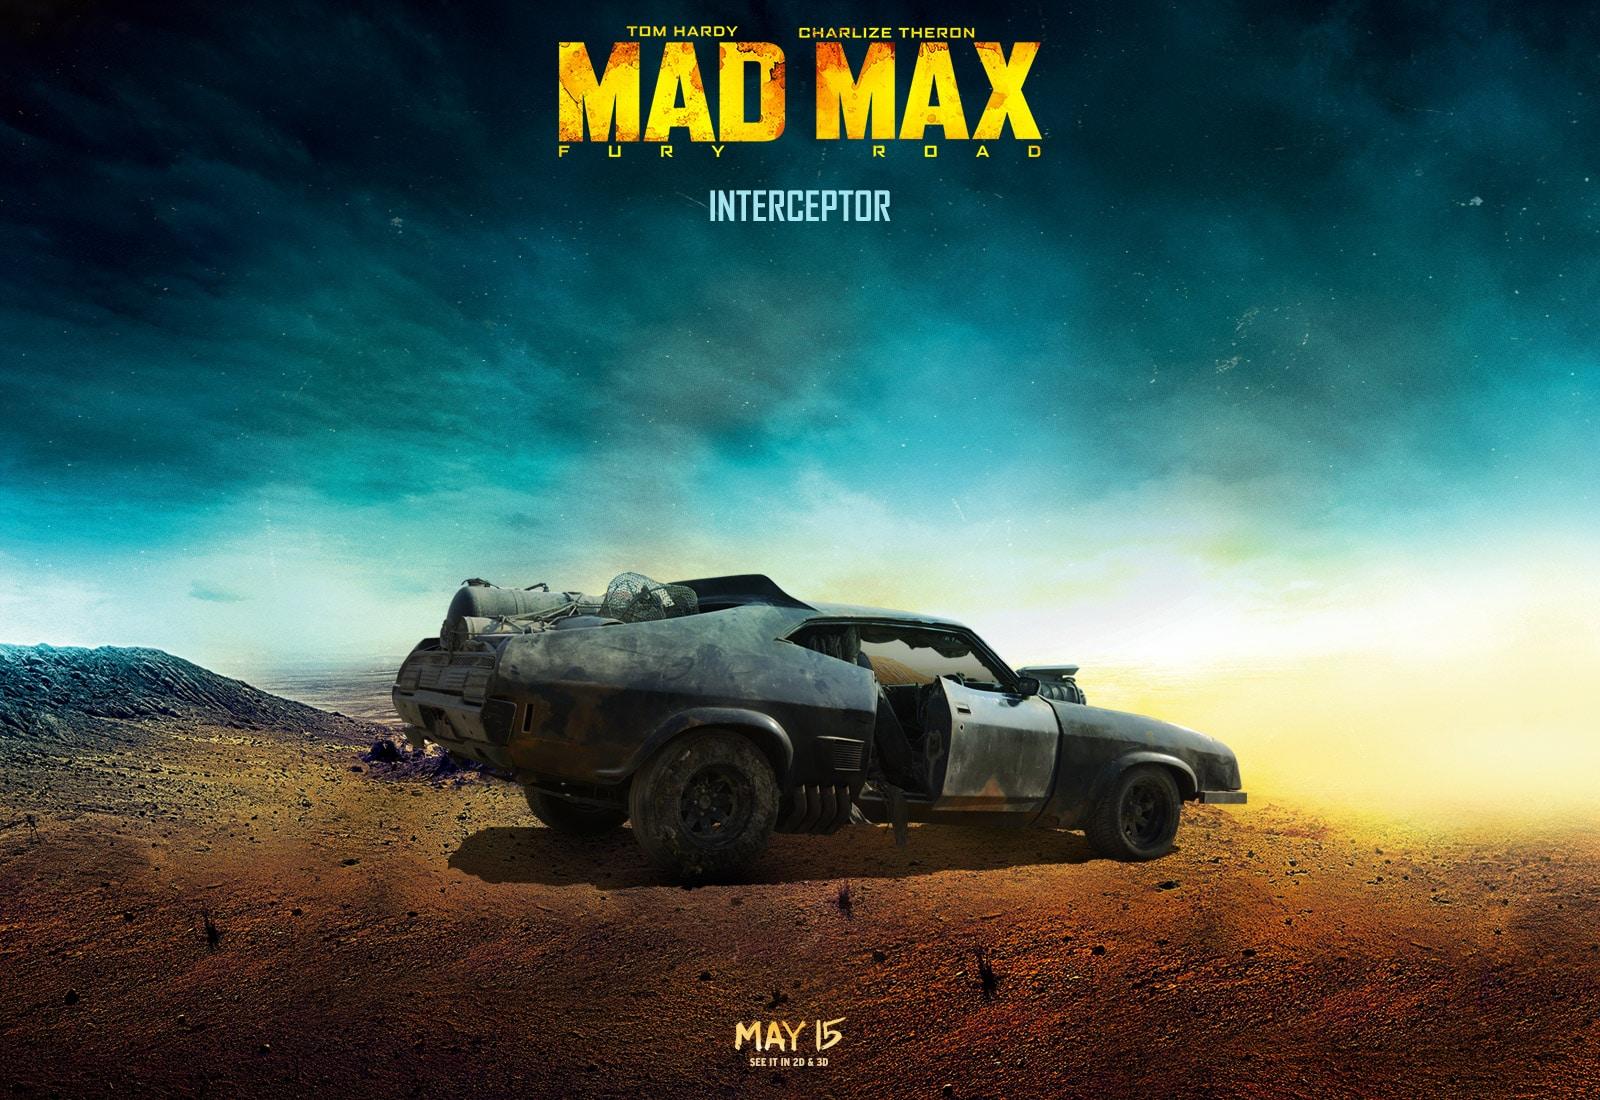 mad max fury road interceptor Απονέμουμε τα Όσκαρ αυτοκινήτου Fun, Jaguar C-X75, LYKAN HYPERSPORT, movie cars, videos, zblog